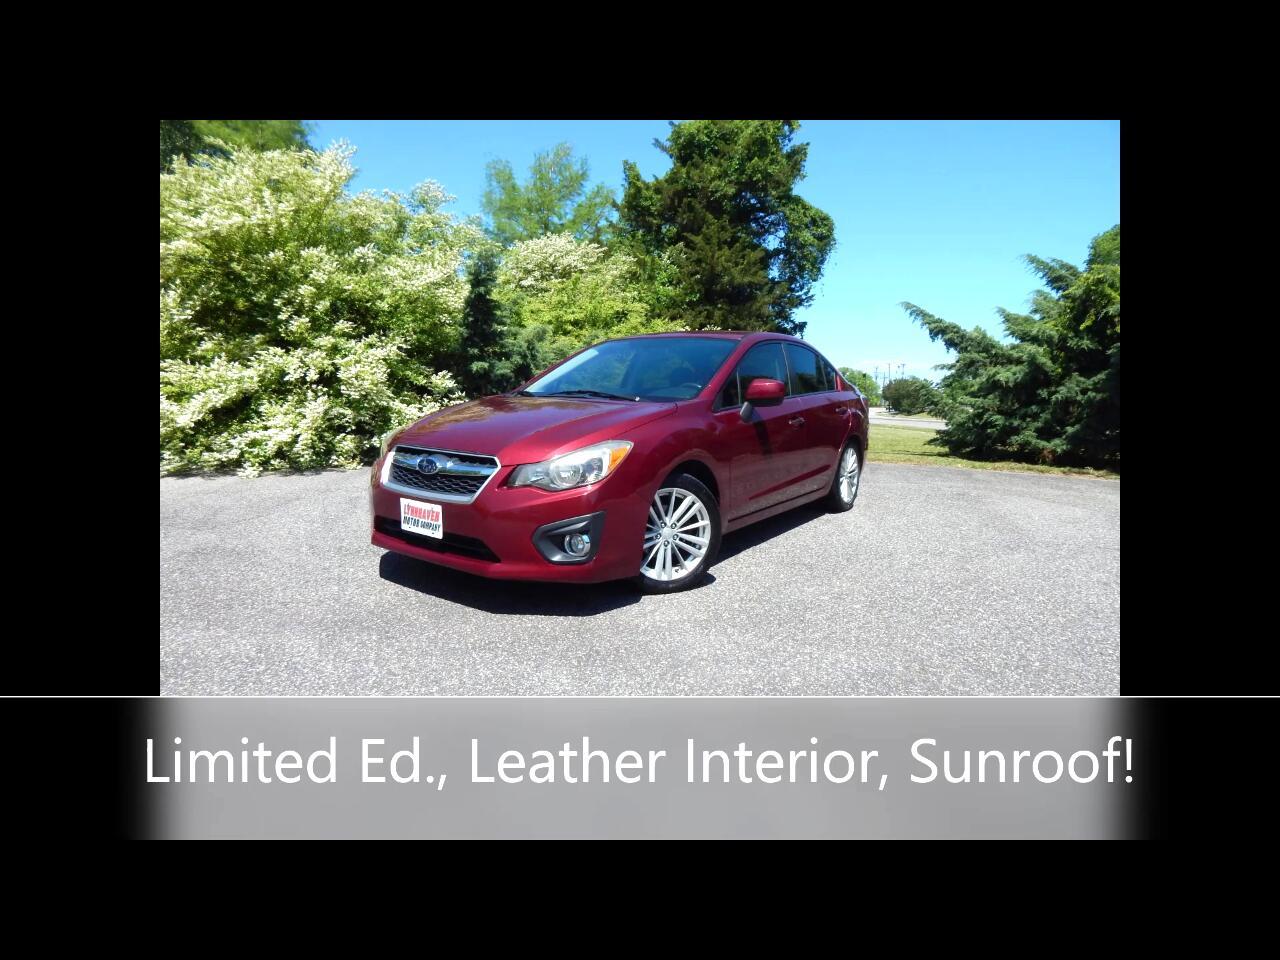 Subaru Impreza Limited 4-Door+S/R 2013